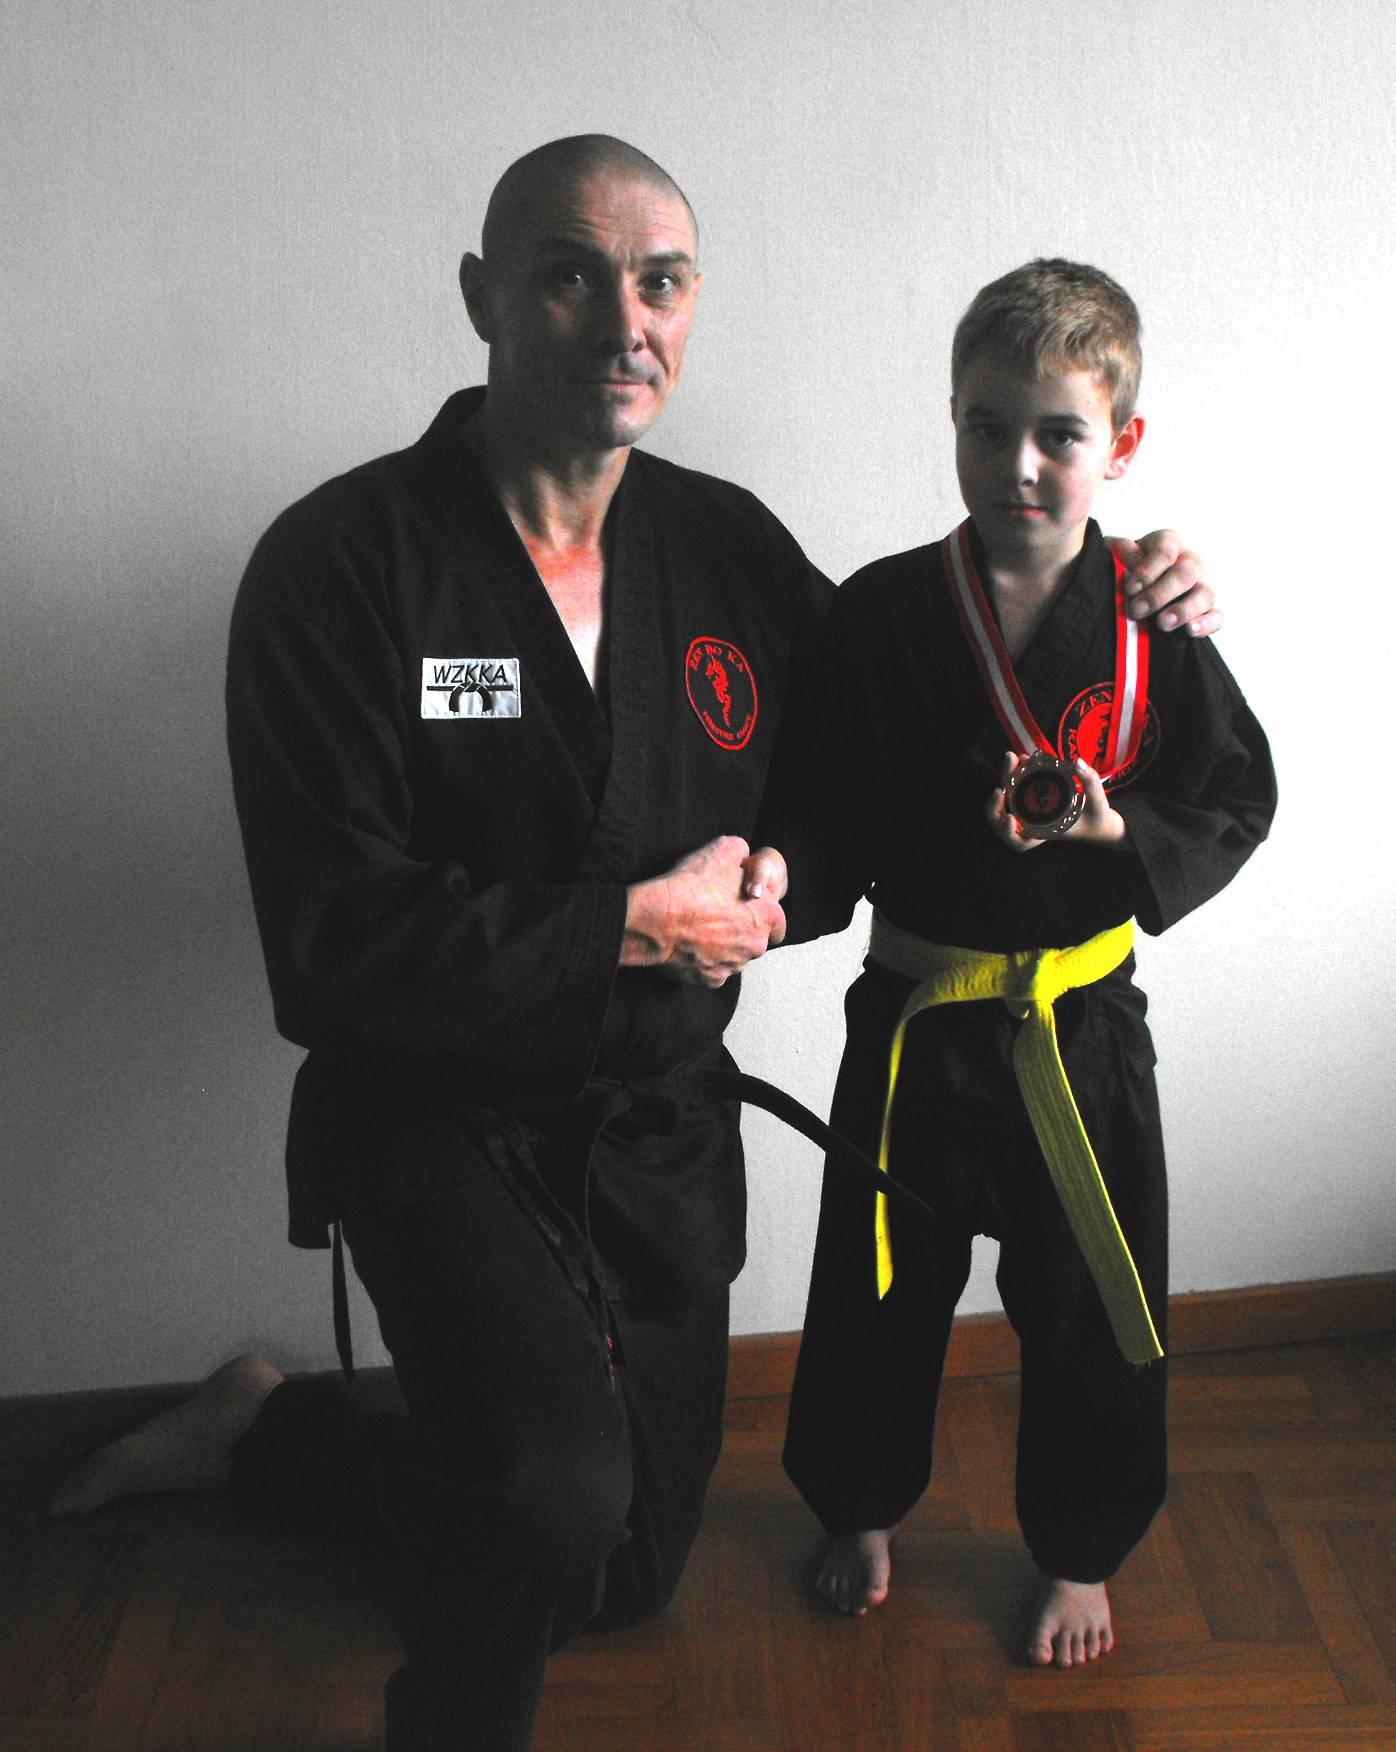 Joseph Red Dragon Award Medal Winner